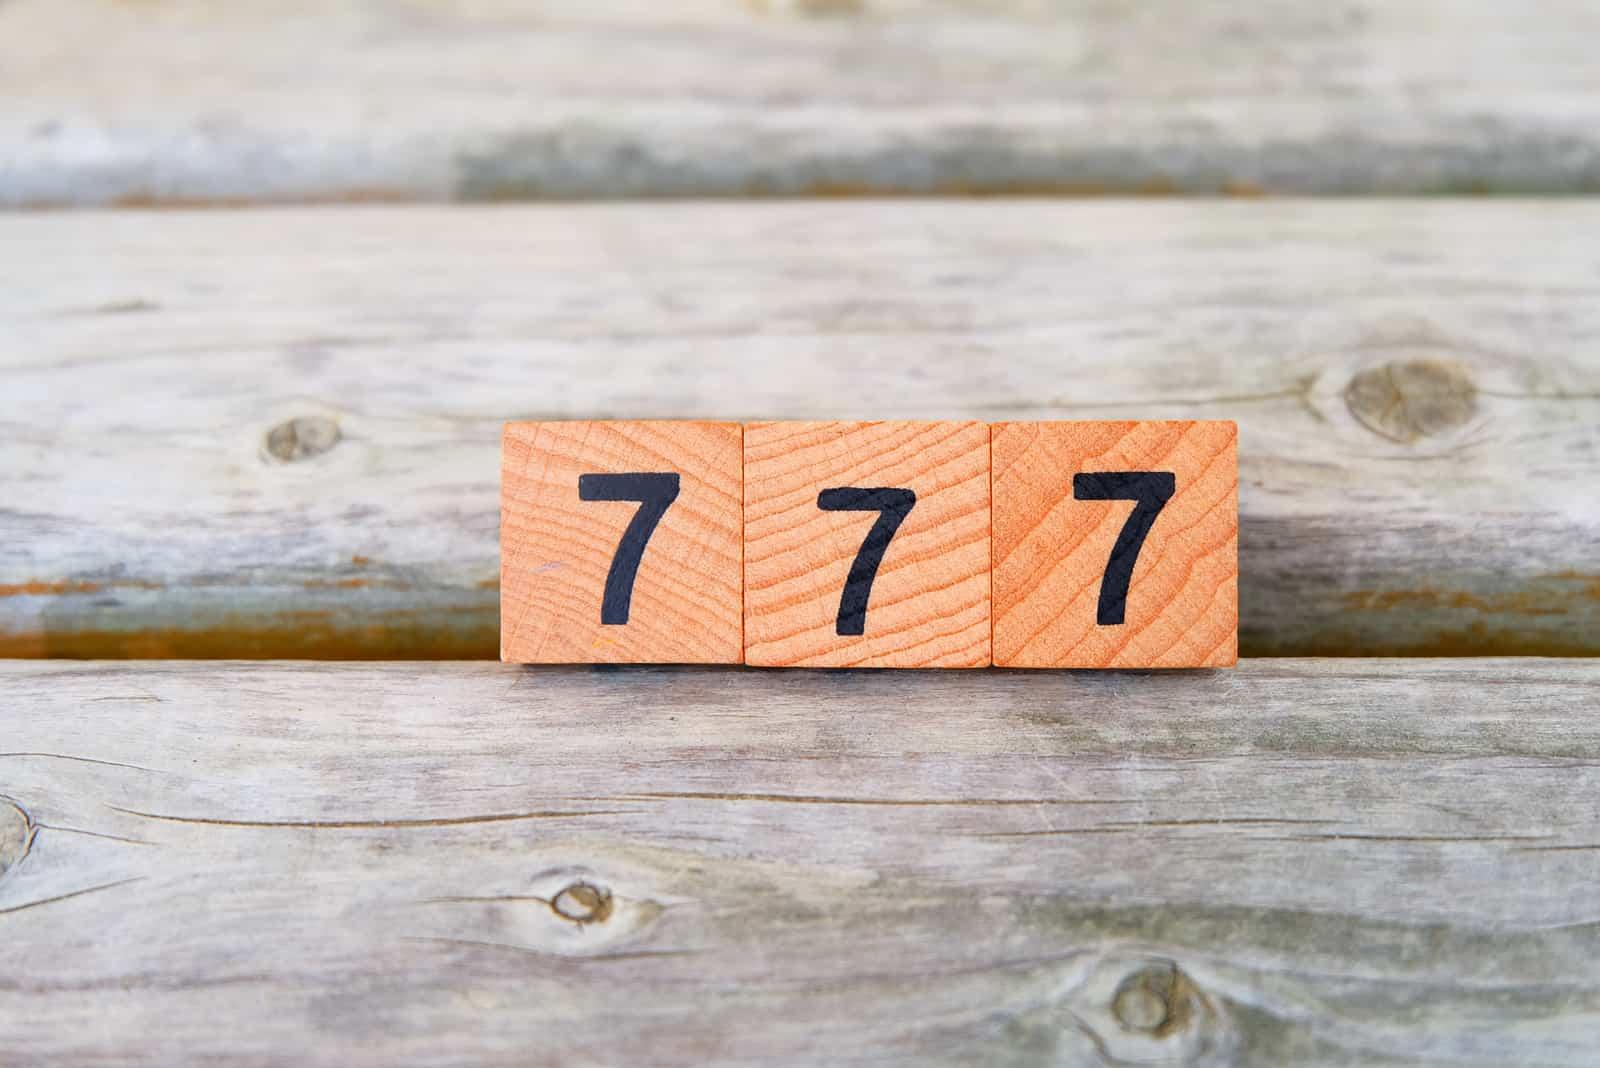 numéro 777 sculpté sur bois